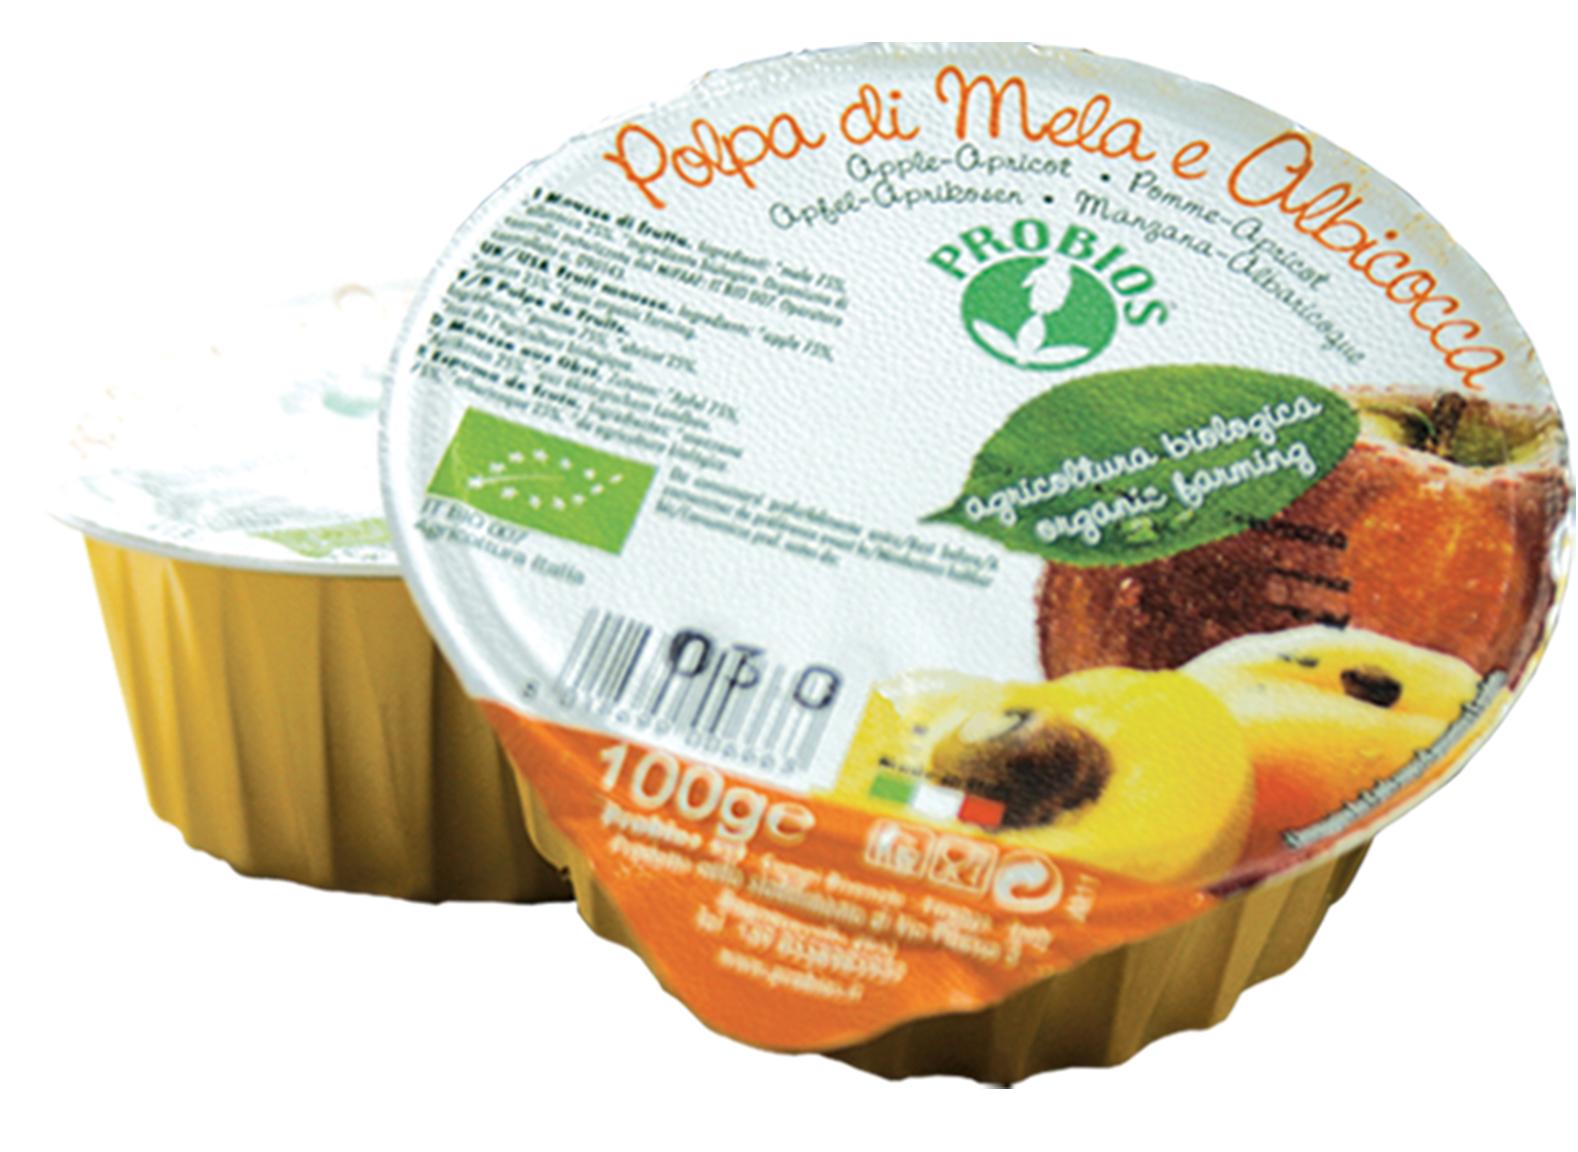 Probios Frutta Polpa Di Mela E Albicocca Biologica 100g